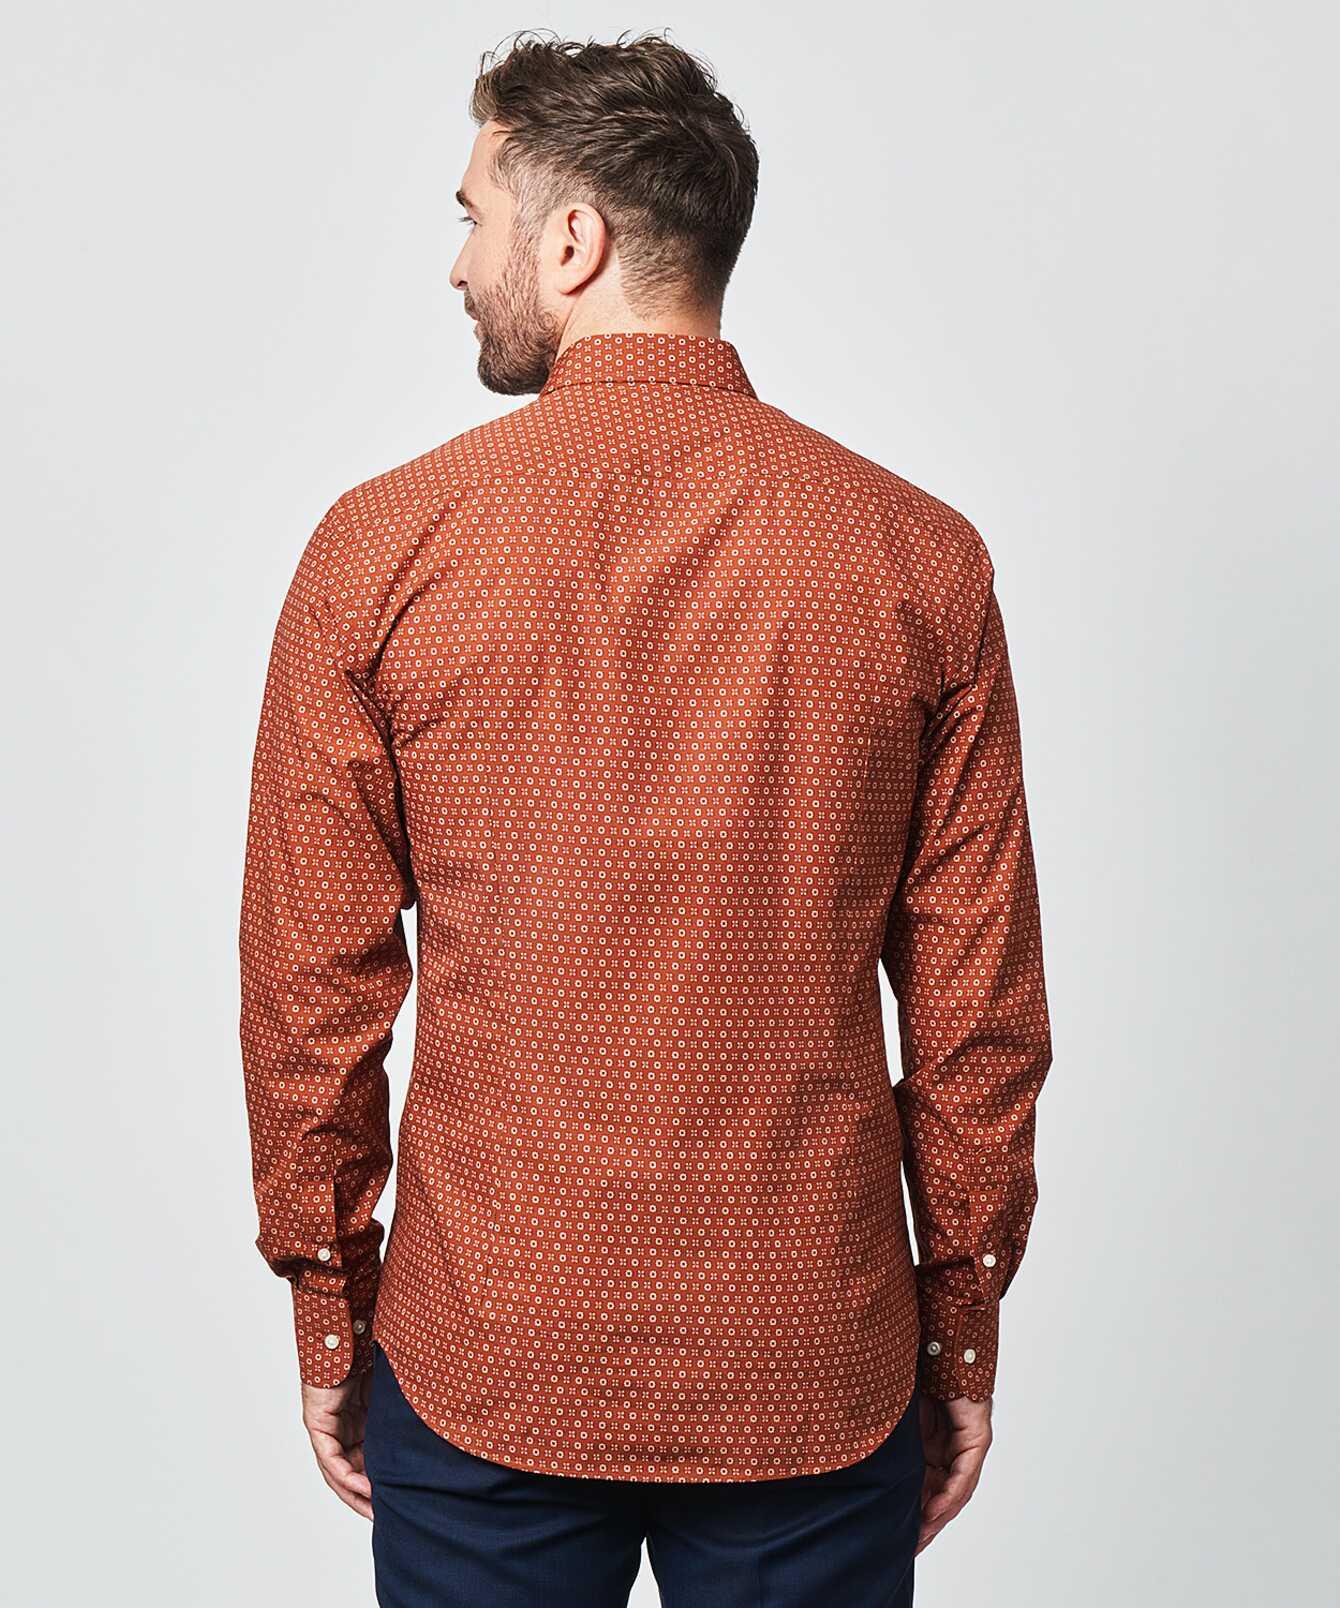 Skjorta Furnas Roströd The Shirt Factory